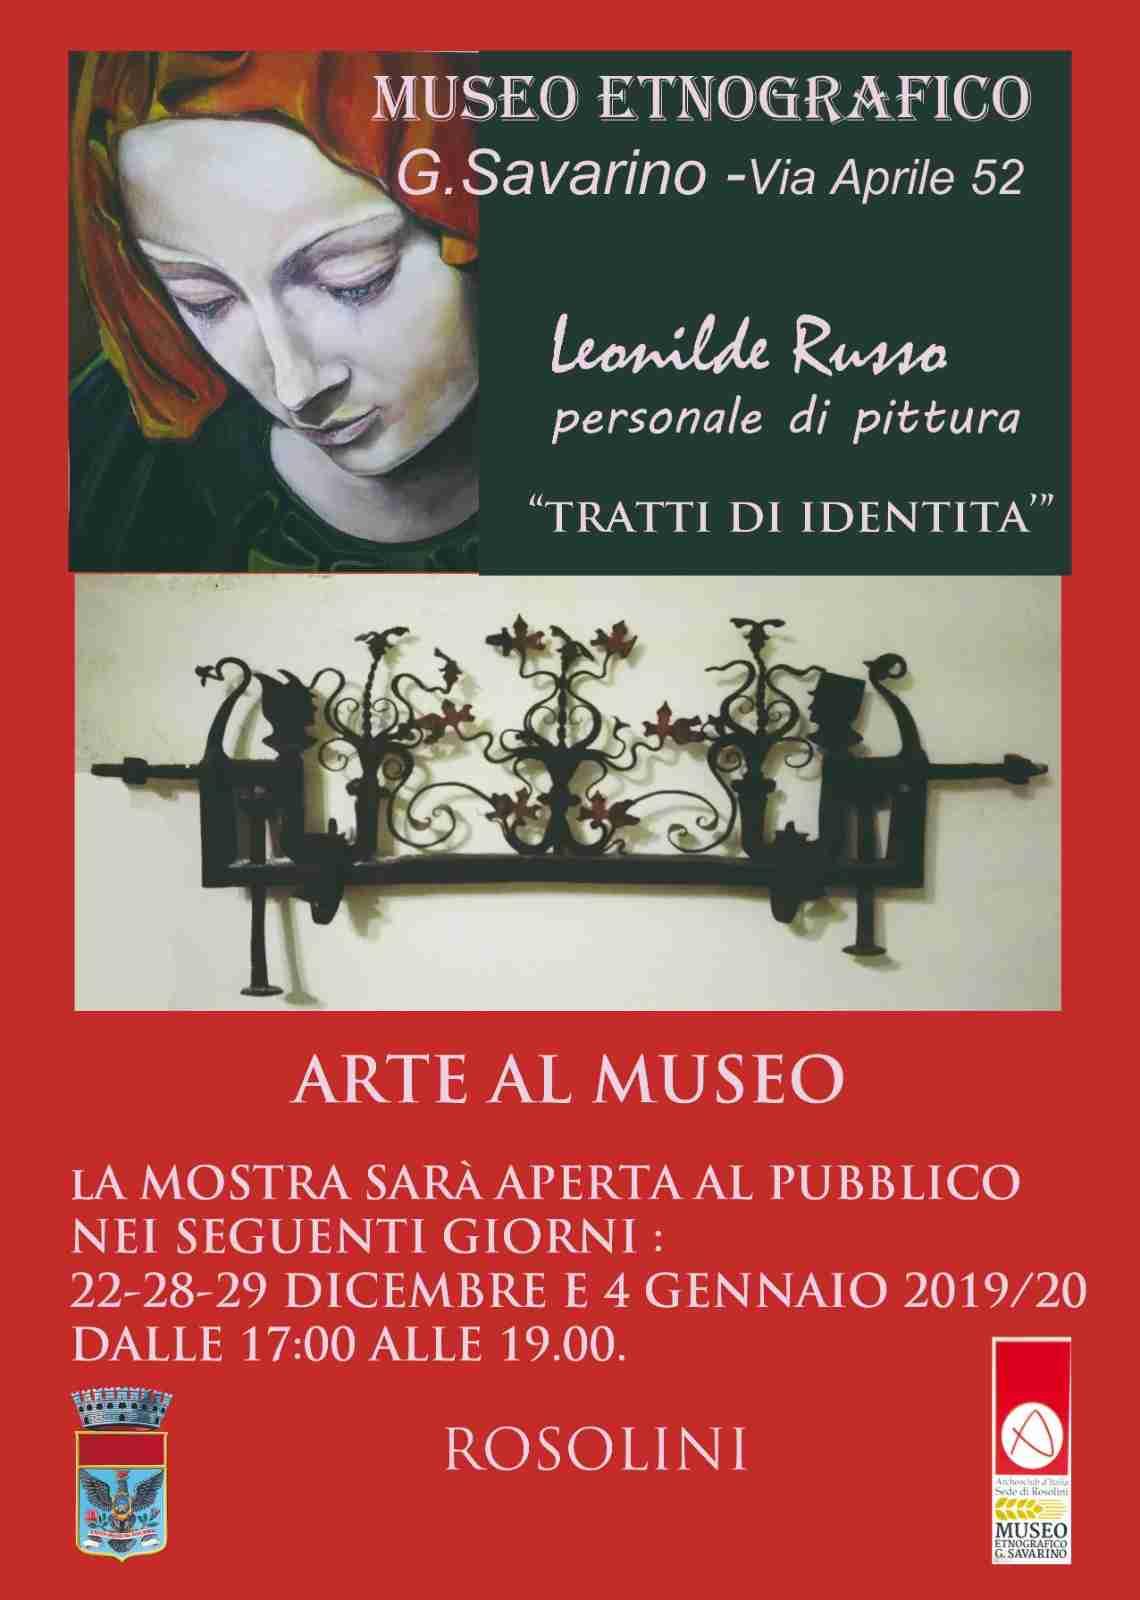 """""""Tratti d'identità"""", l'arte di Leonilde Russo in mostra al Museo Etnografico"""